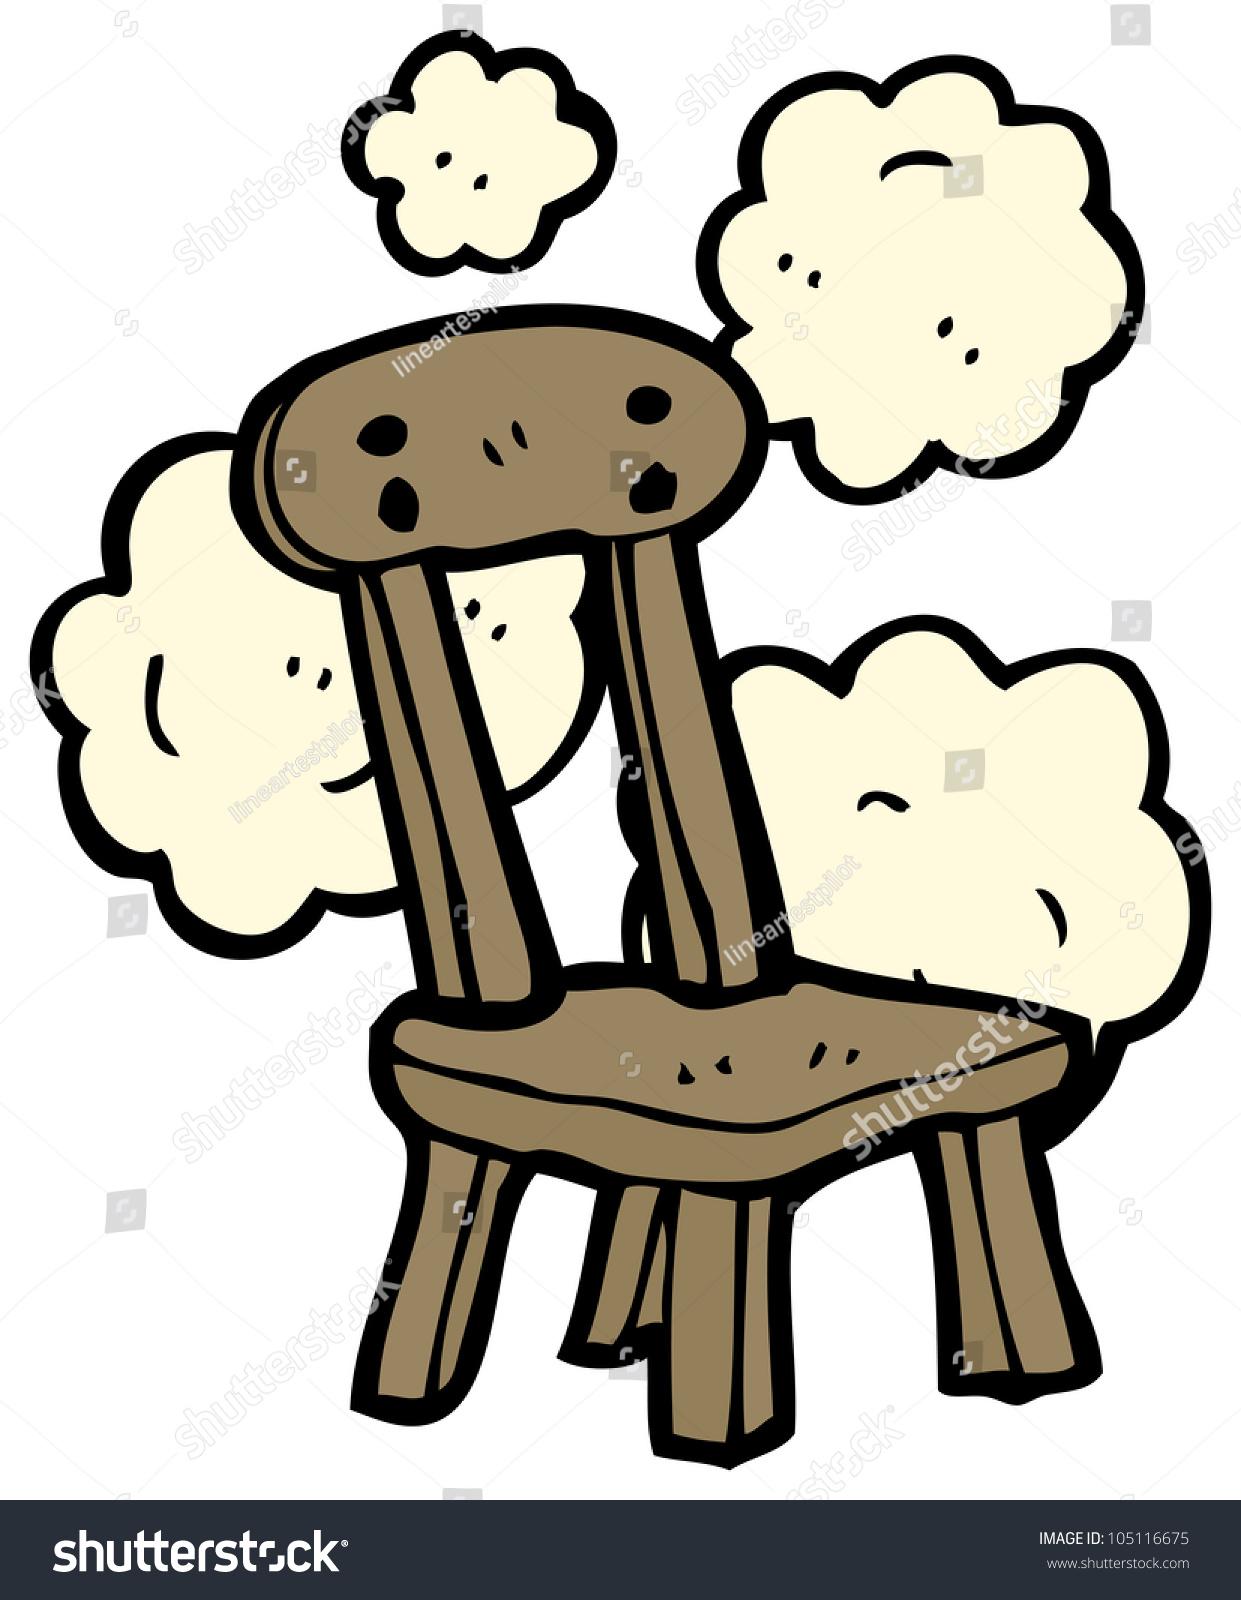 Cartoon wooden chair stock illustration